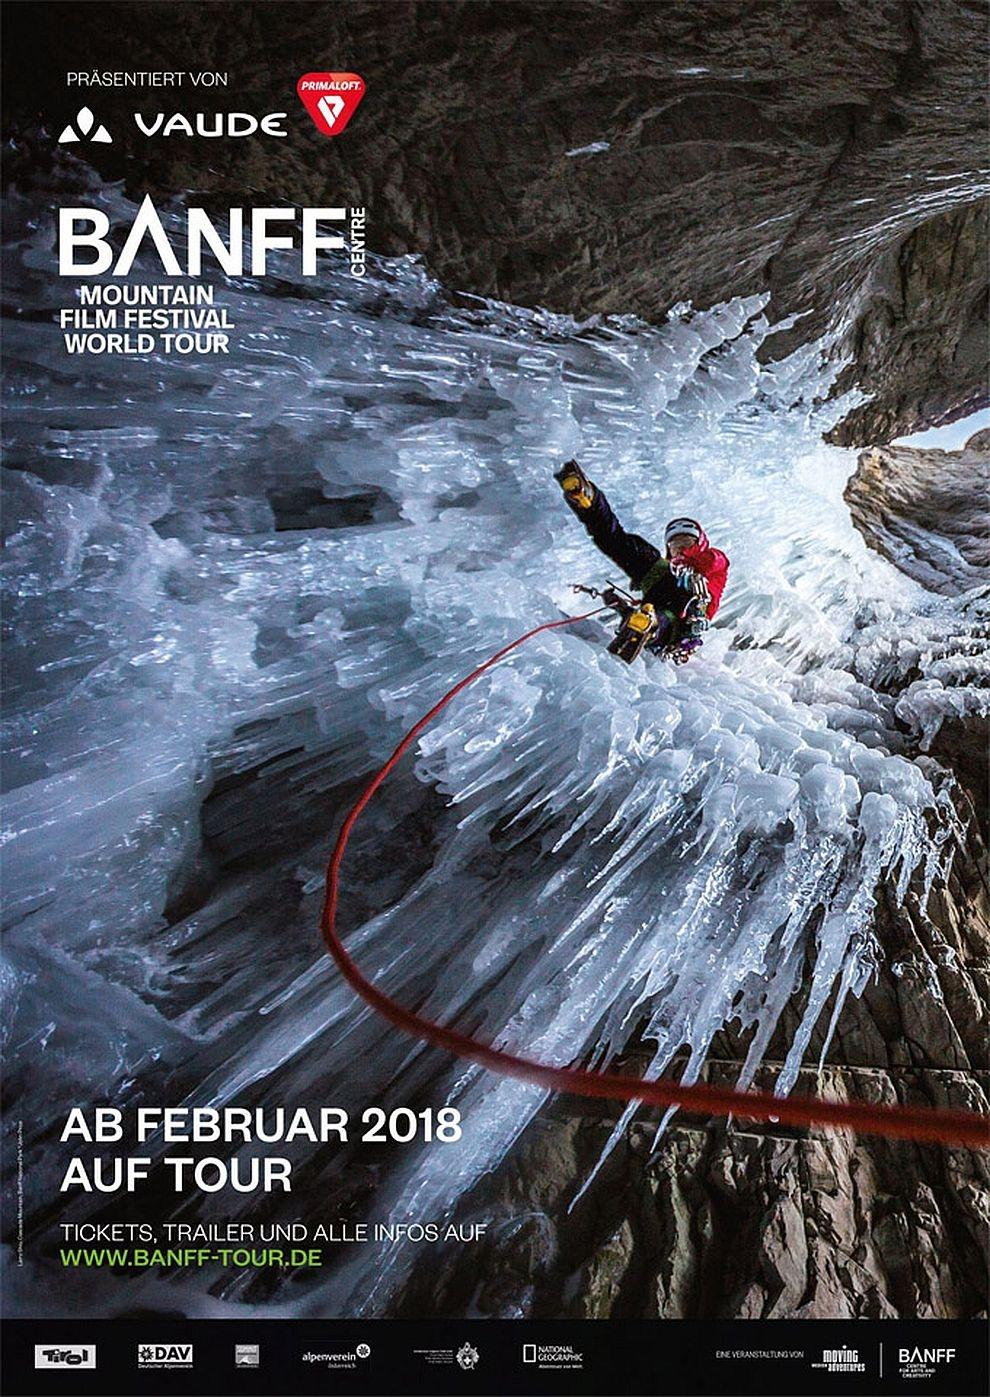 Banff Mountain Film Festival 2018 (Poster)